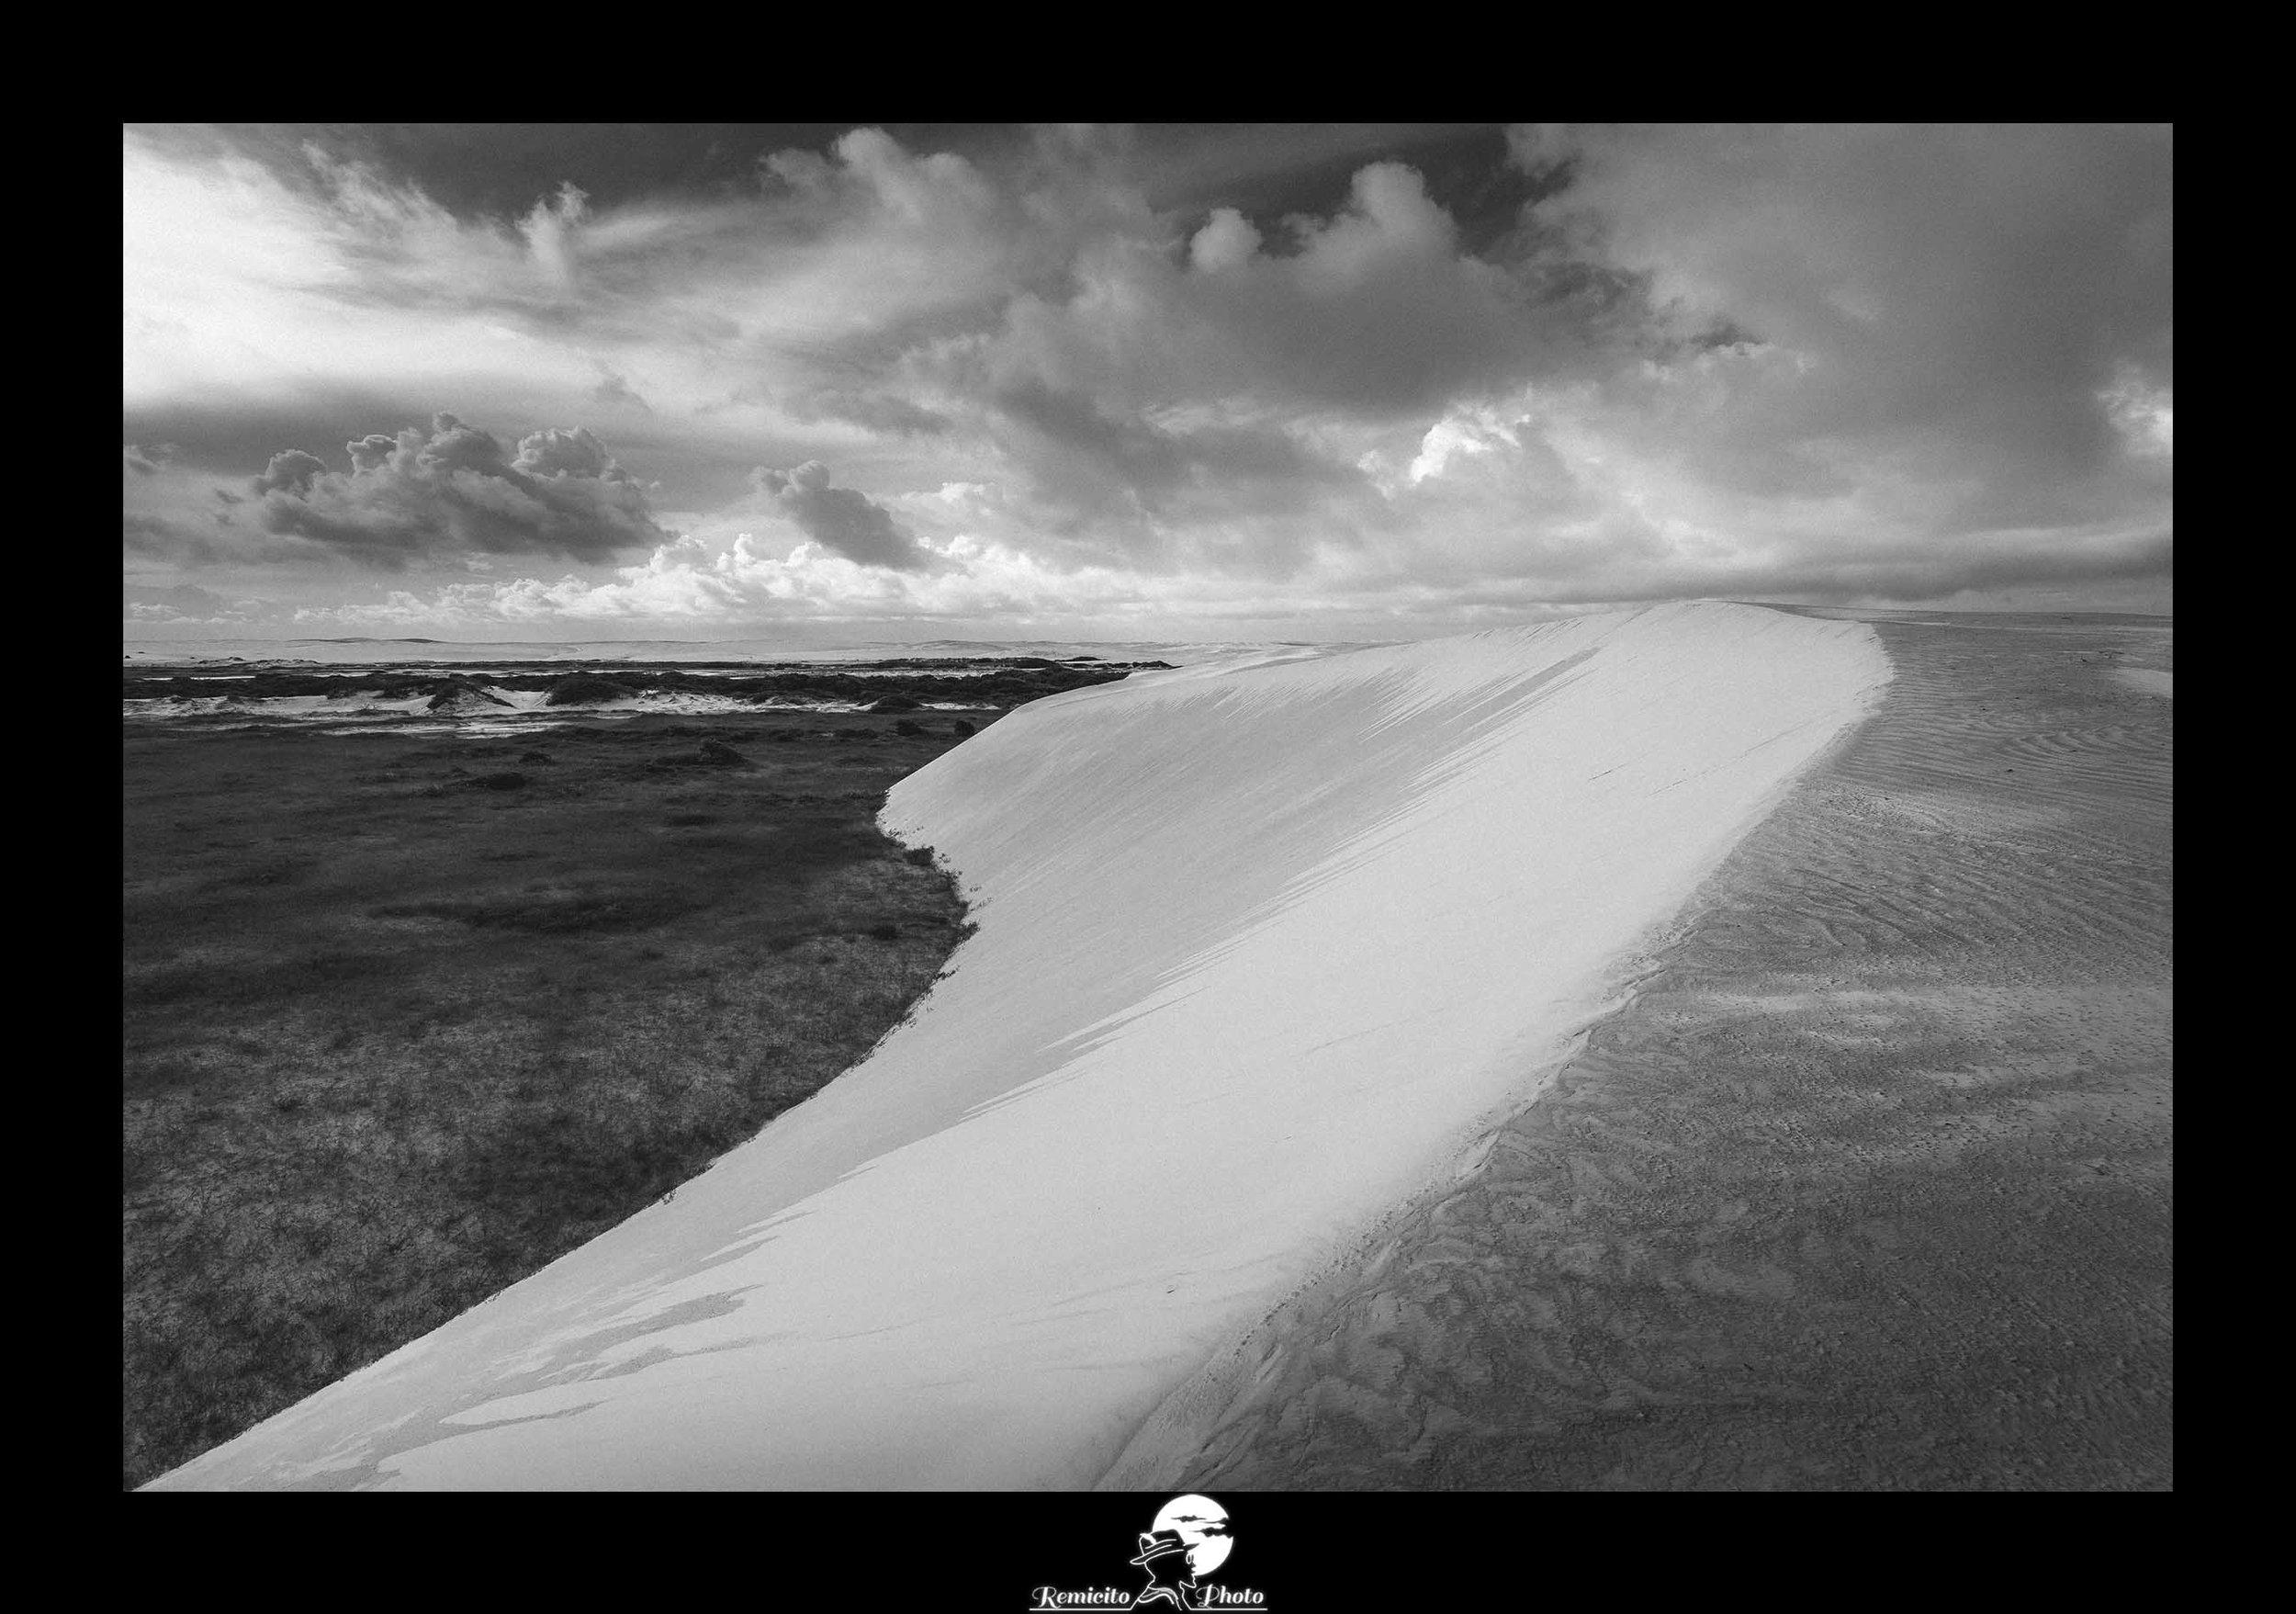 Remicito photo, remicito, rémi lacombe remicito photographe de voyage, belle photo remicito désert brésil, belle photo noir et blanc désert sable blanc brésil, idée cadeau belle photo